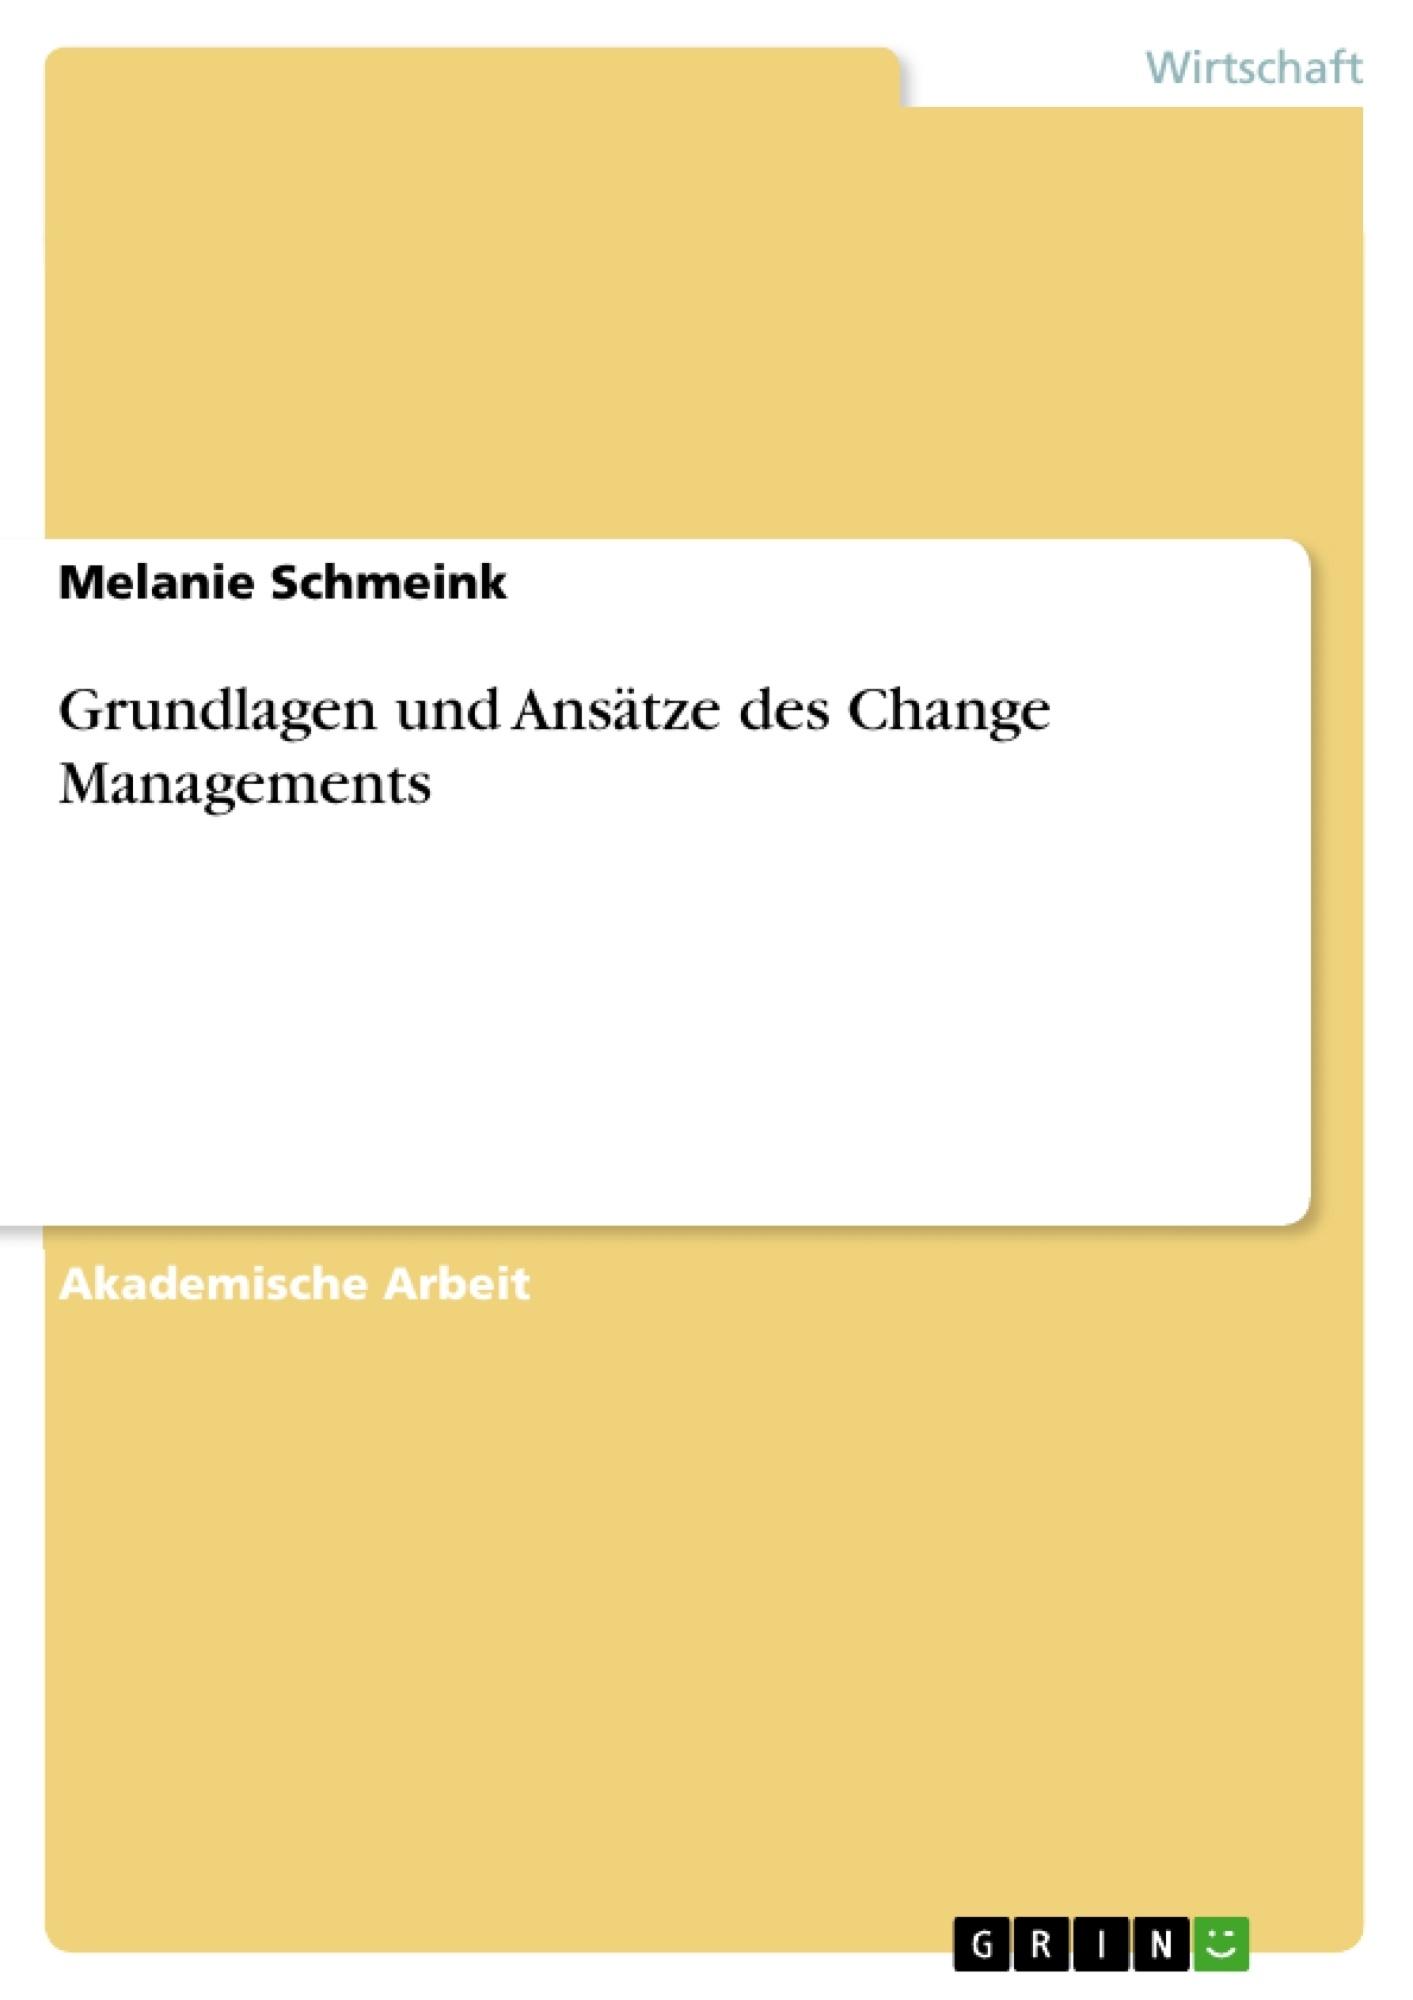 Titel: Grundlagen und Ansätze des Change Managements